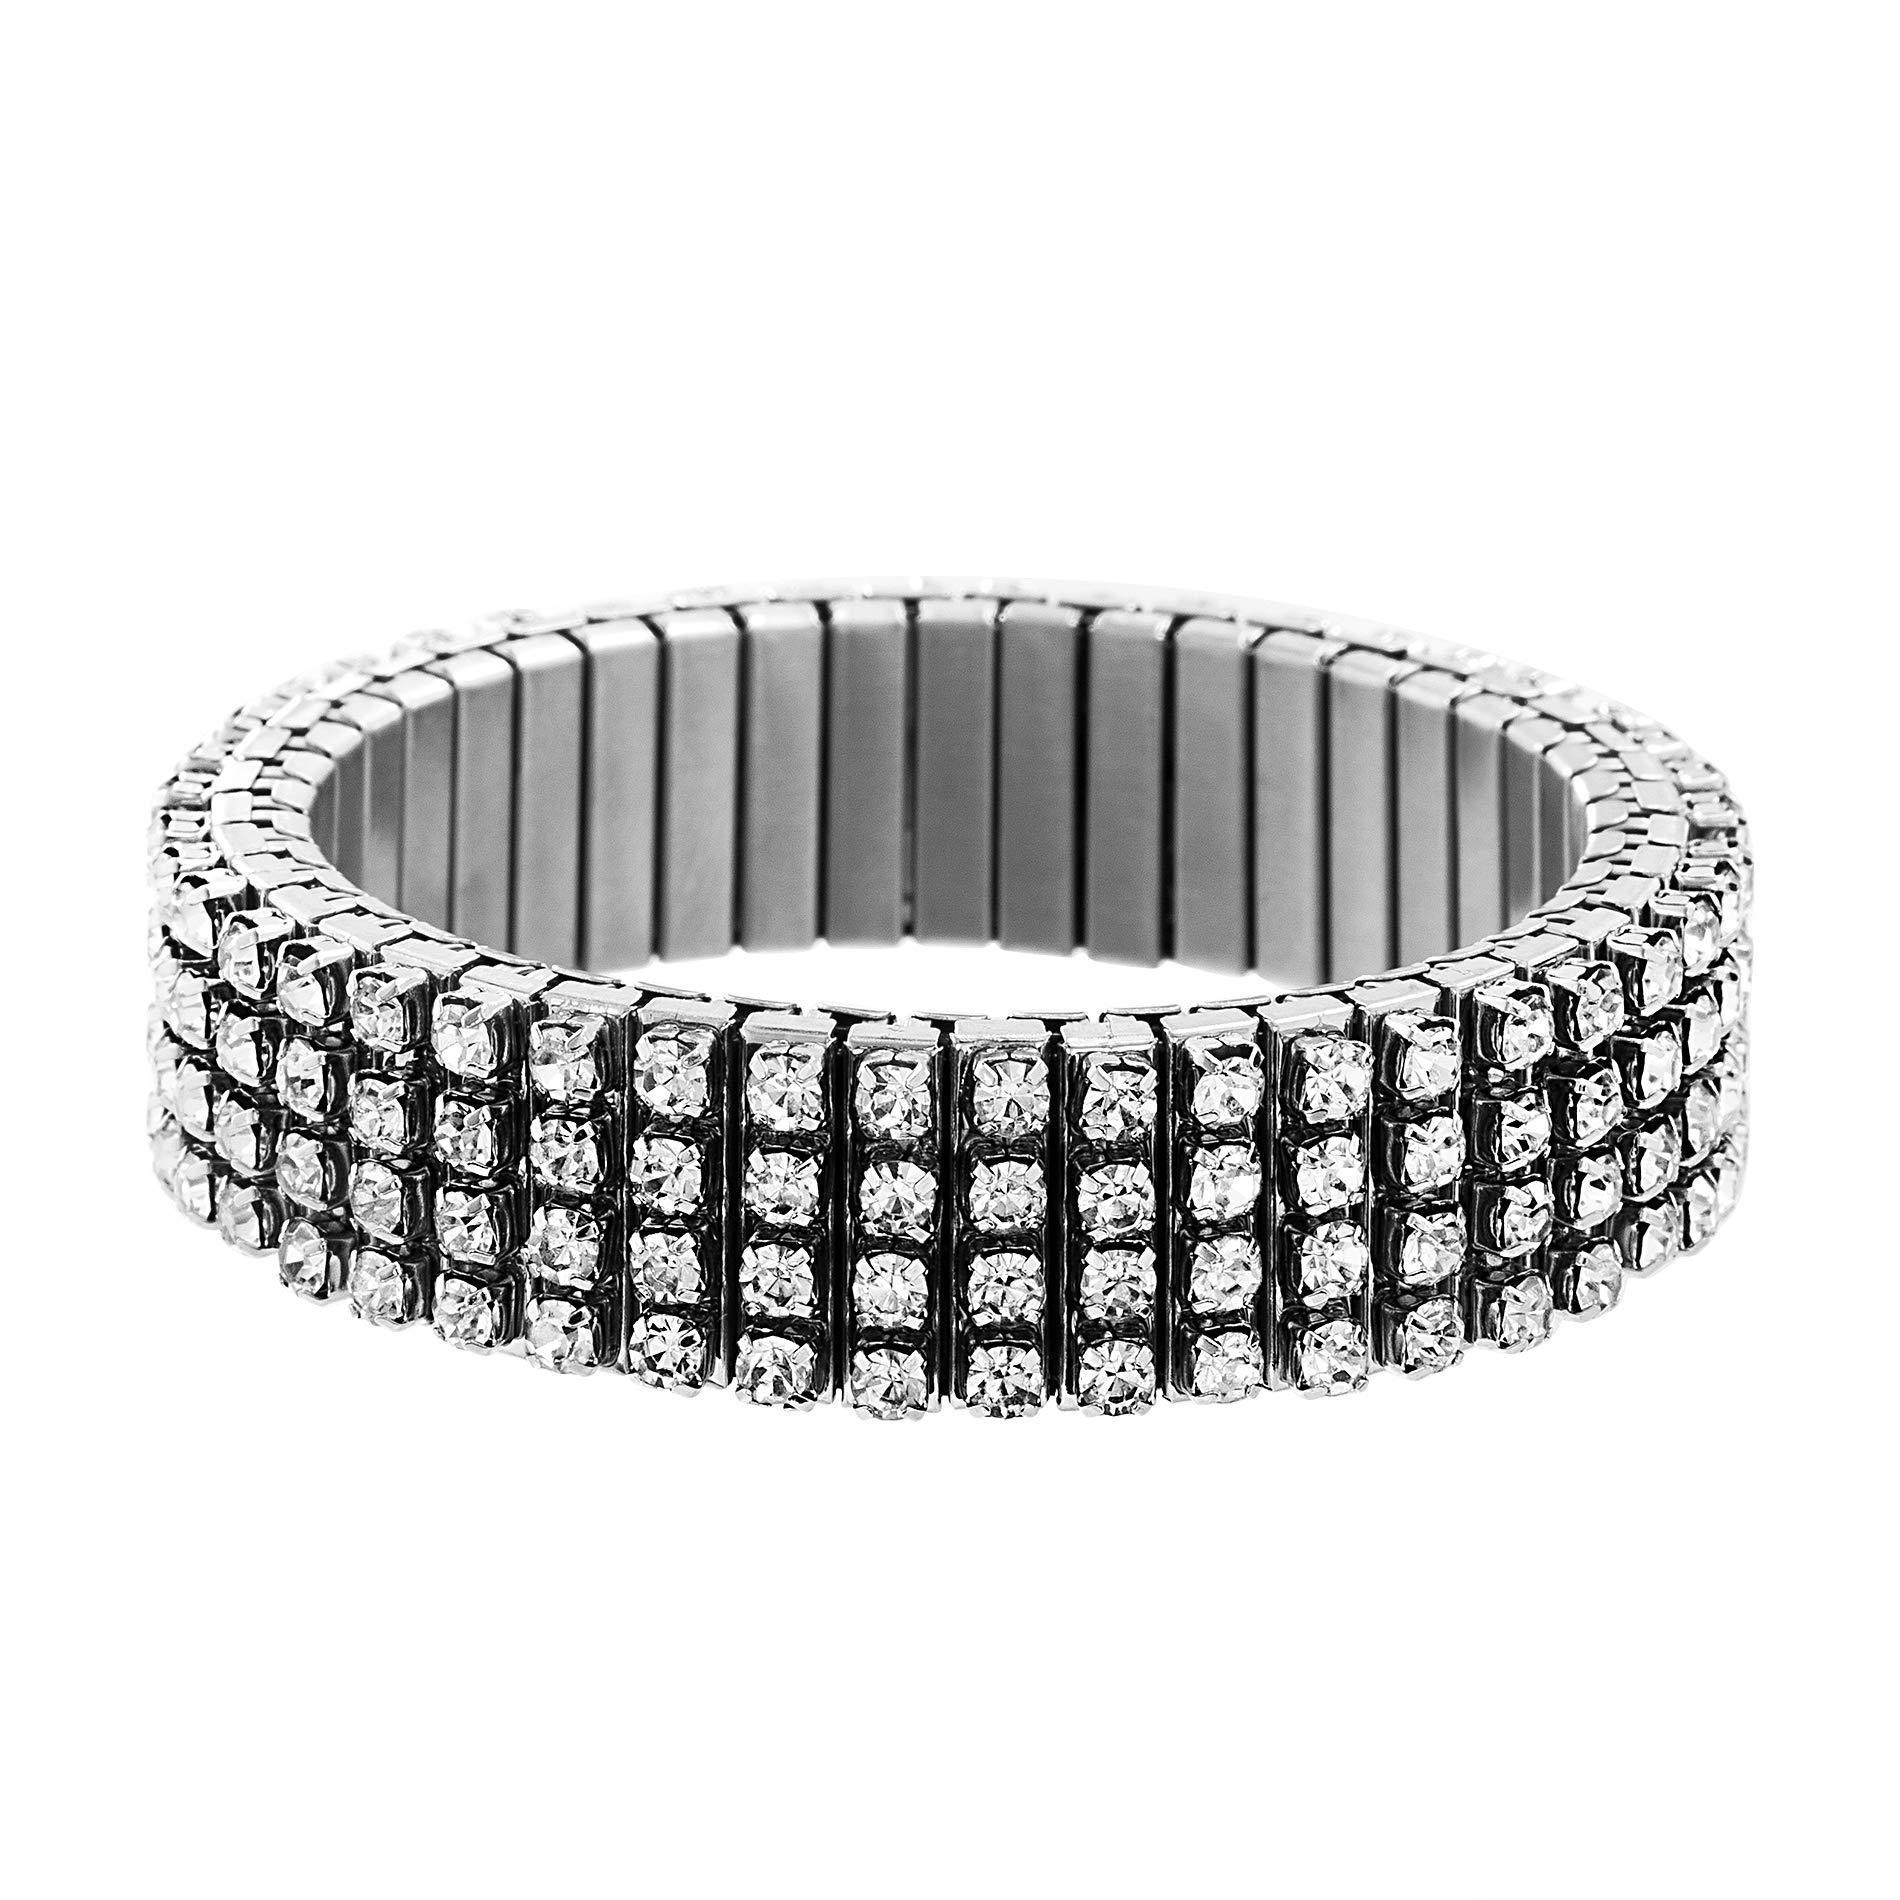 Steve Madden Women's Rhinestone Bar Design Gunmetal-Tone Stretch Bracelet, Expandable by Steve Madden